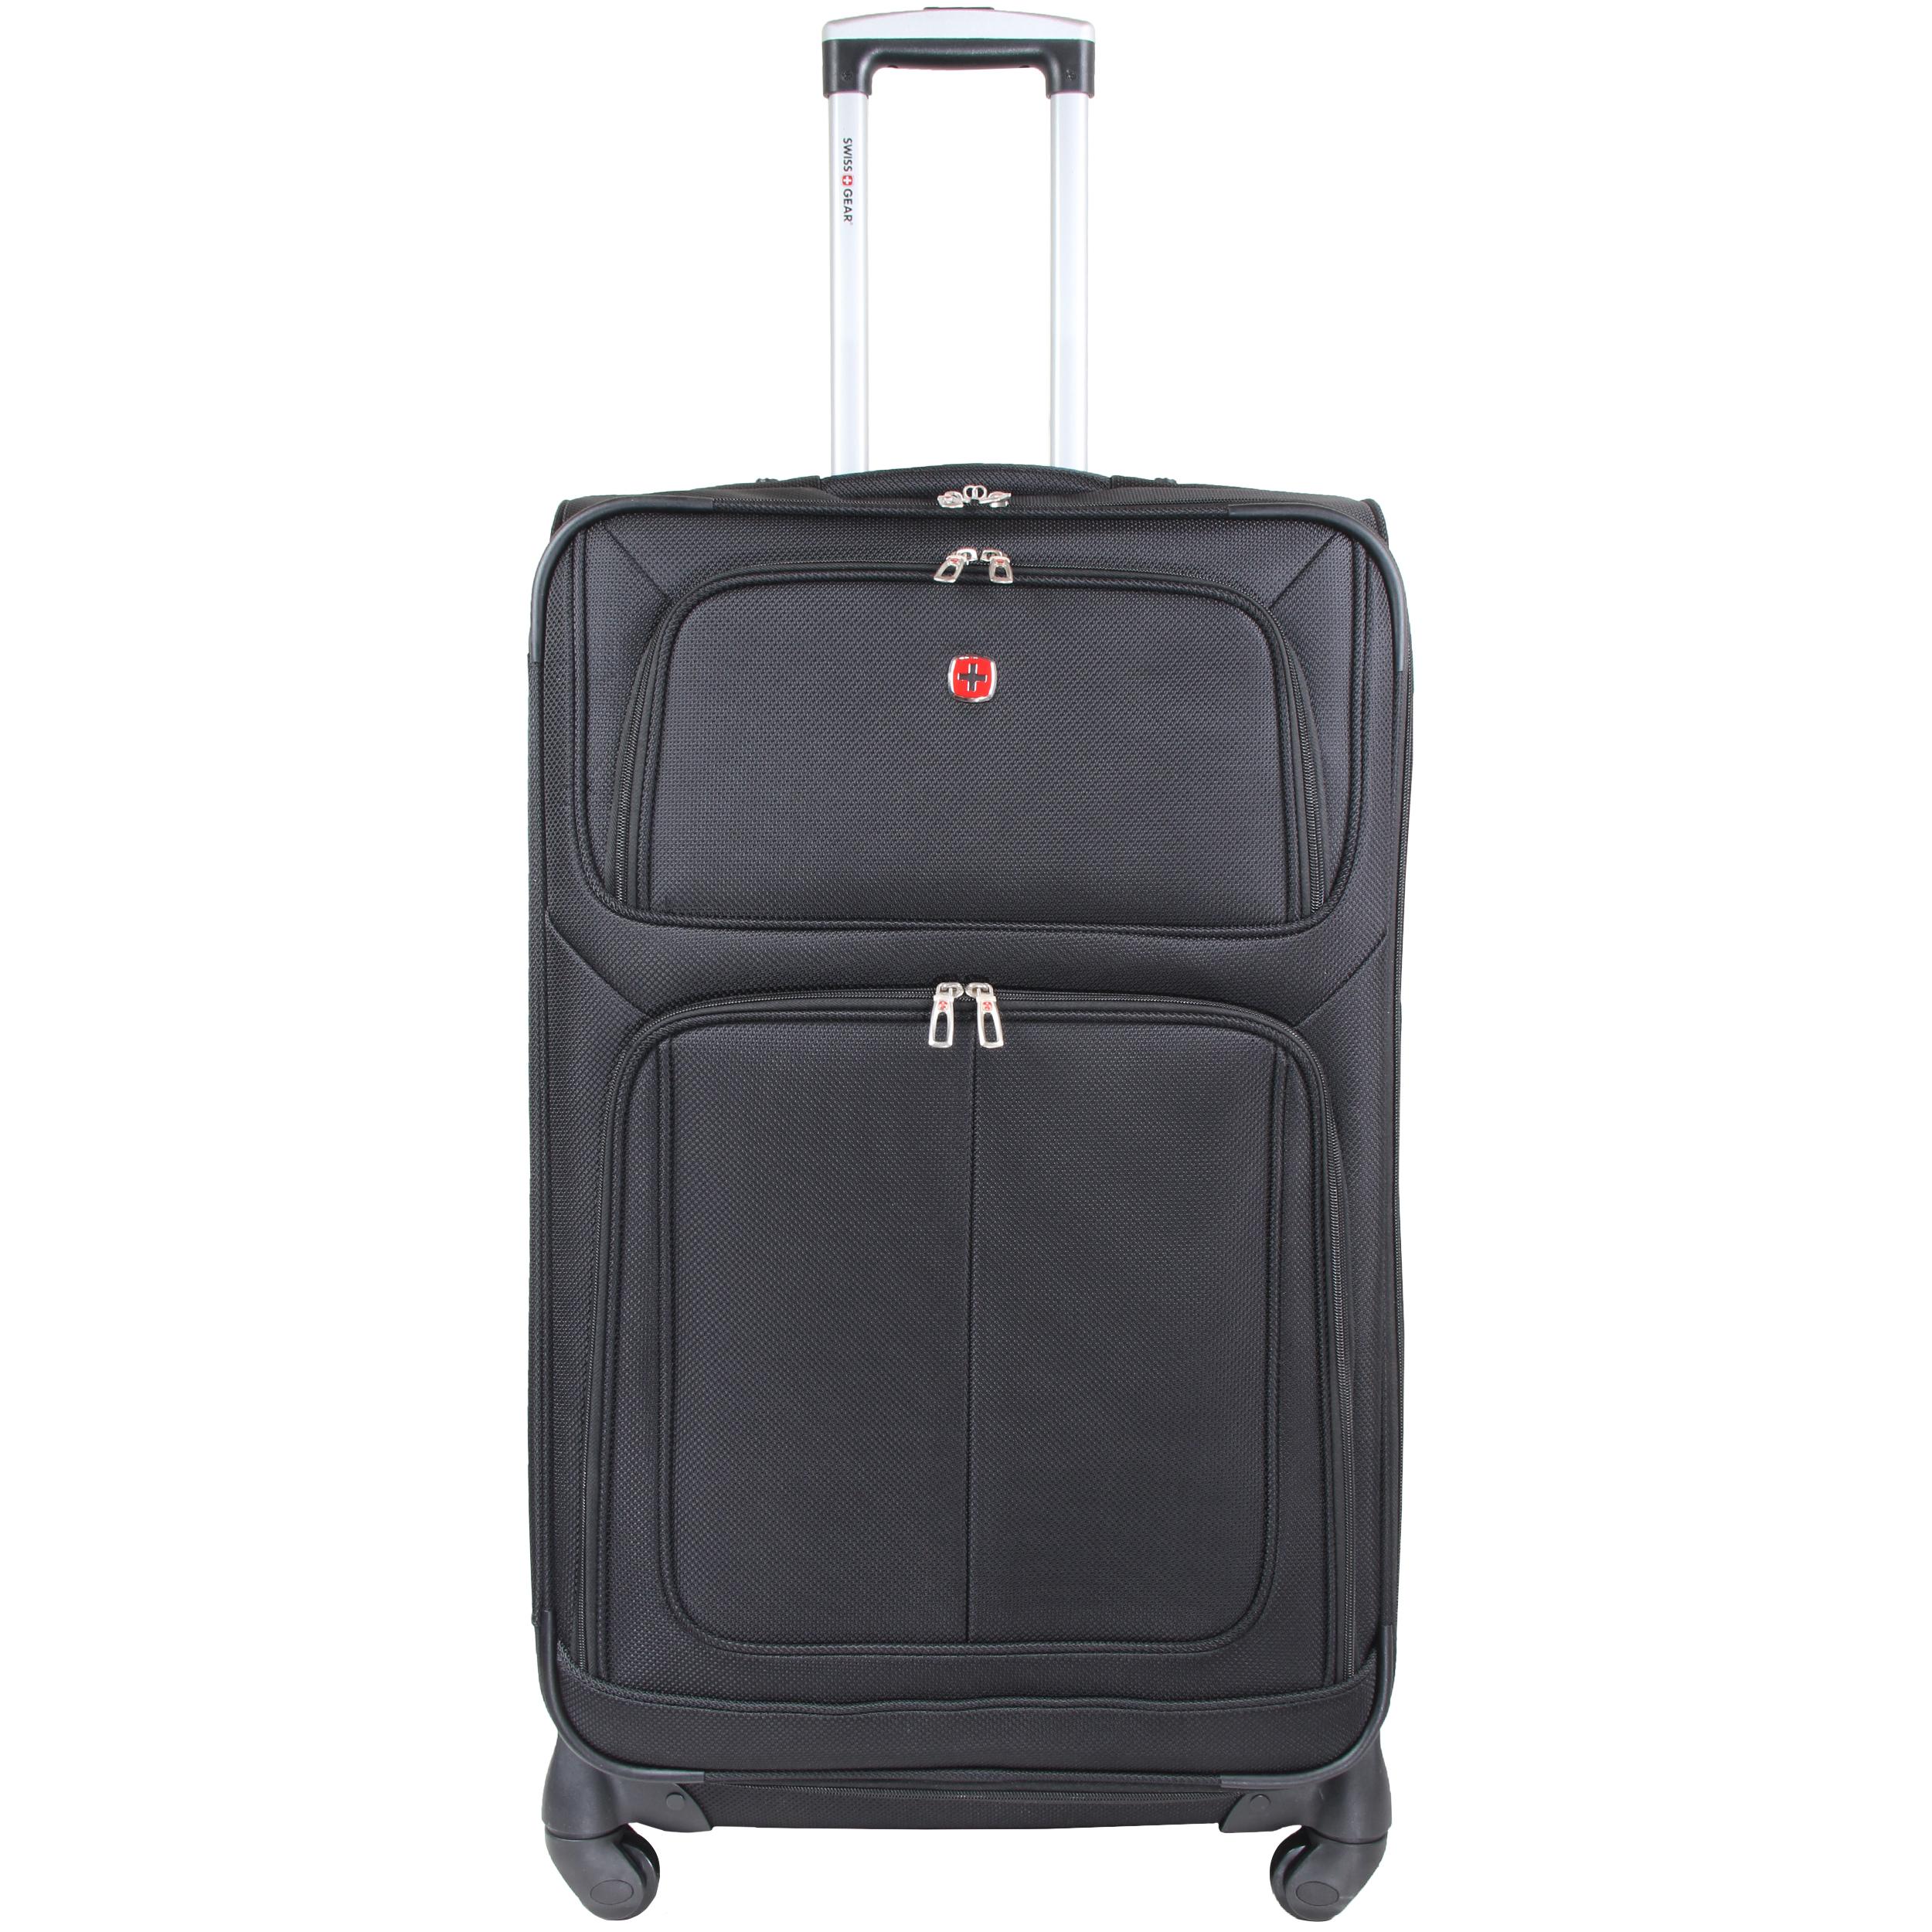 چمدان برزنتی سوییس گیر مدل 225559 سایز متوسط